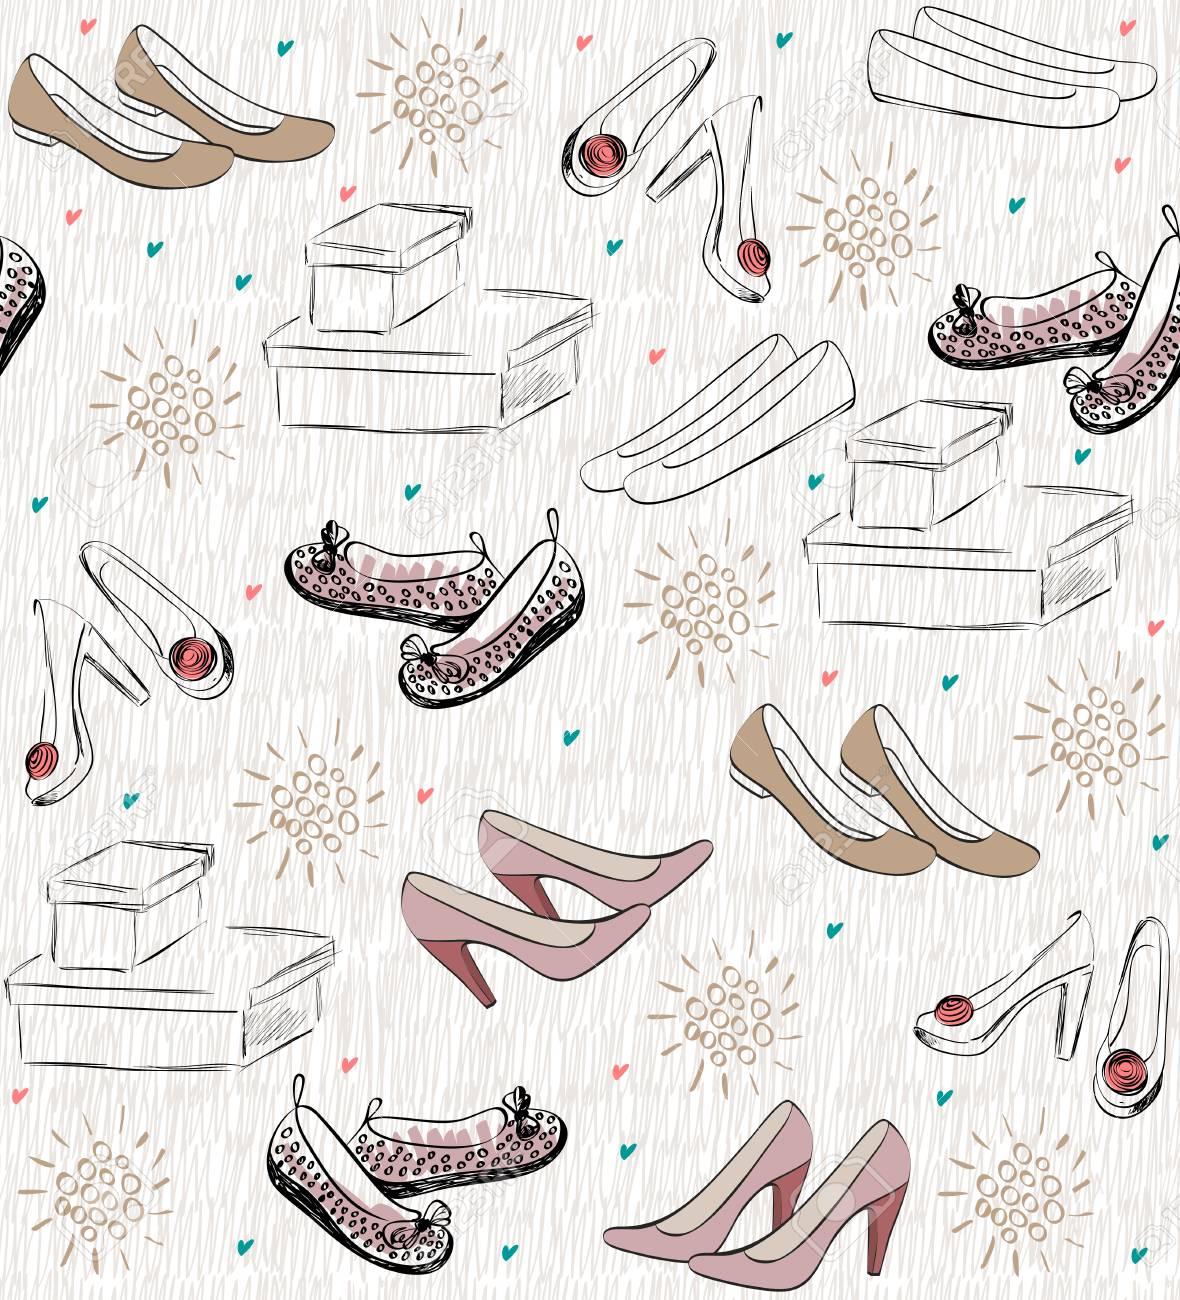 流行のファッション靴。 おしゃれな手描きイラスト。 ロイヤリティフリー